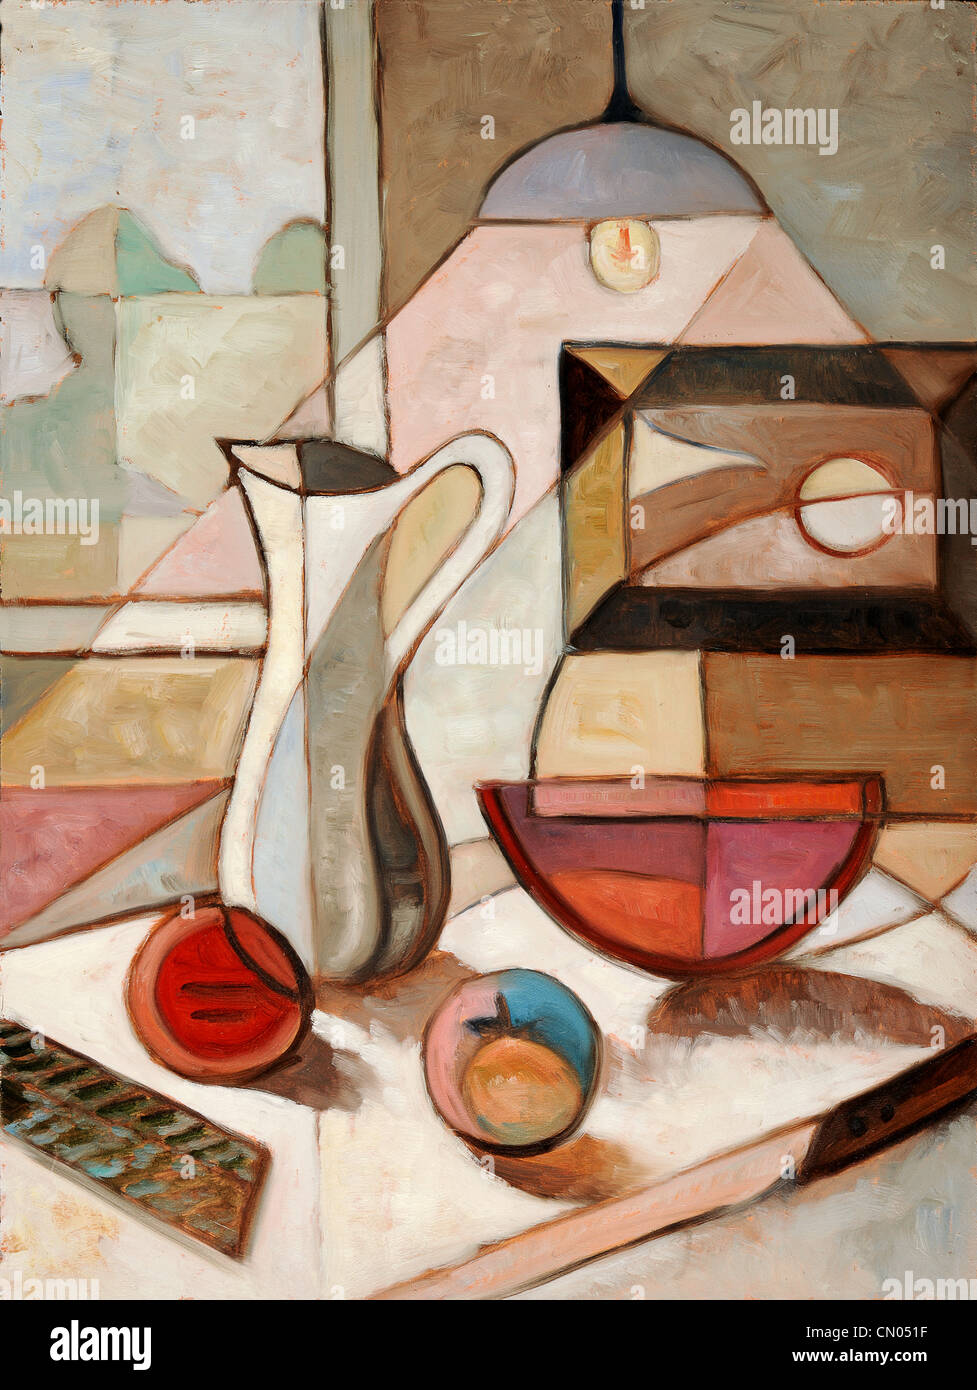 Abstract dipinto a olio di vita ancora con la brocca e frutta Immagini Stock